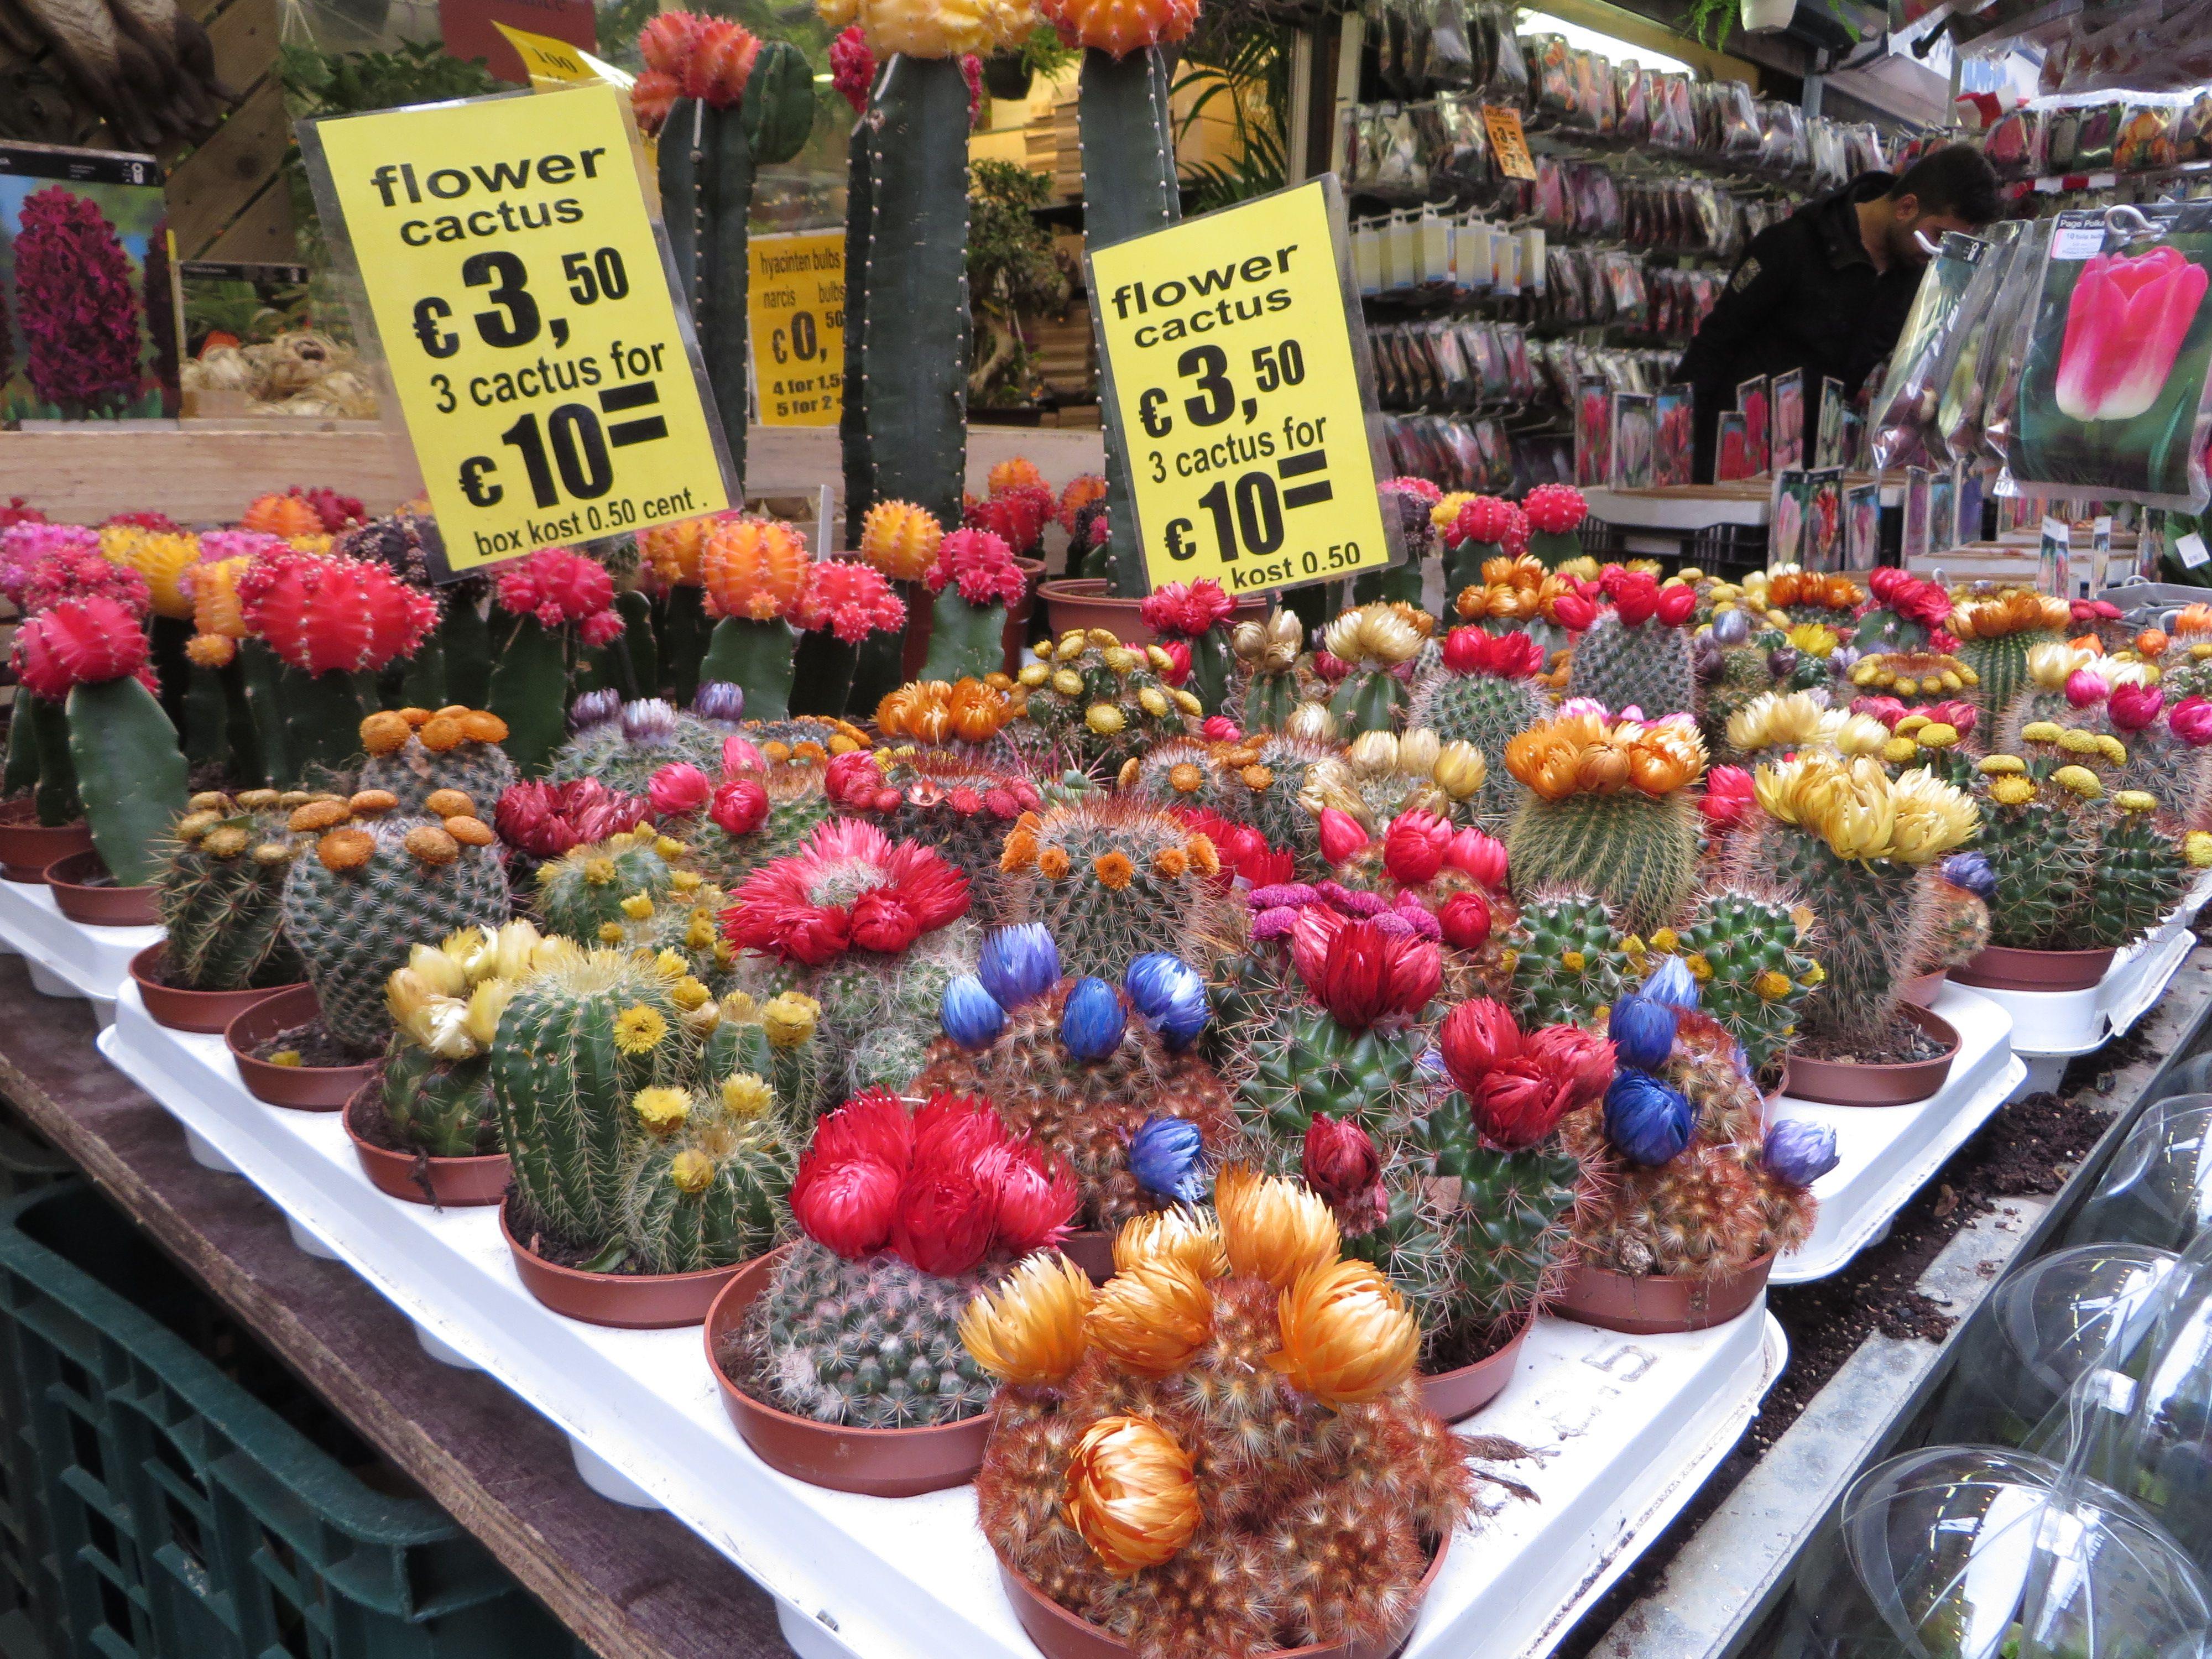 variedad y colorido de cactus en el mercado de flores, Amsterdam